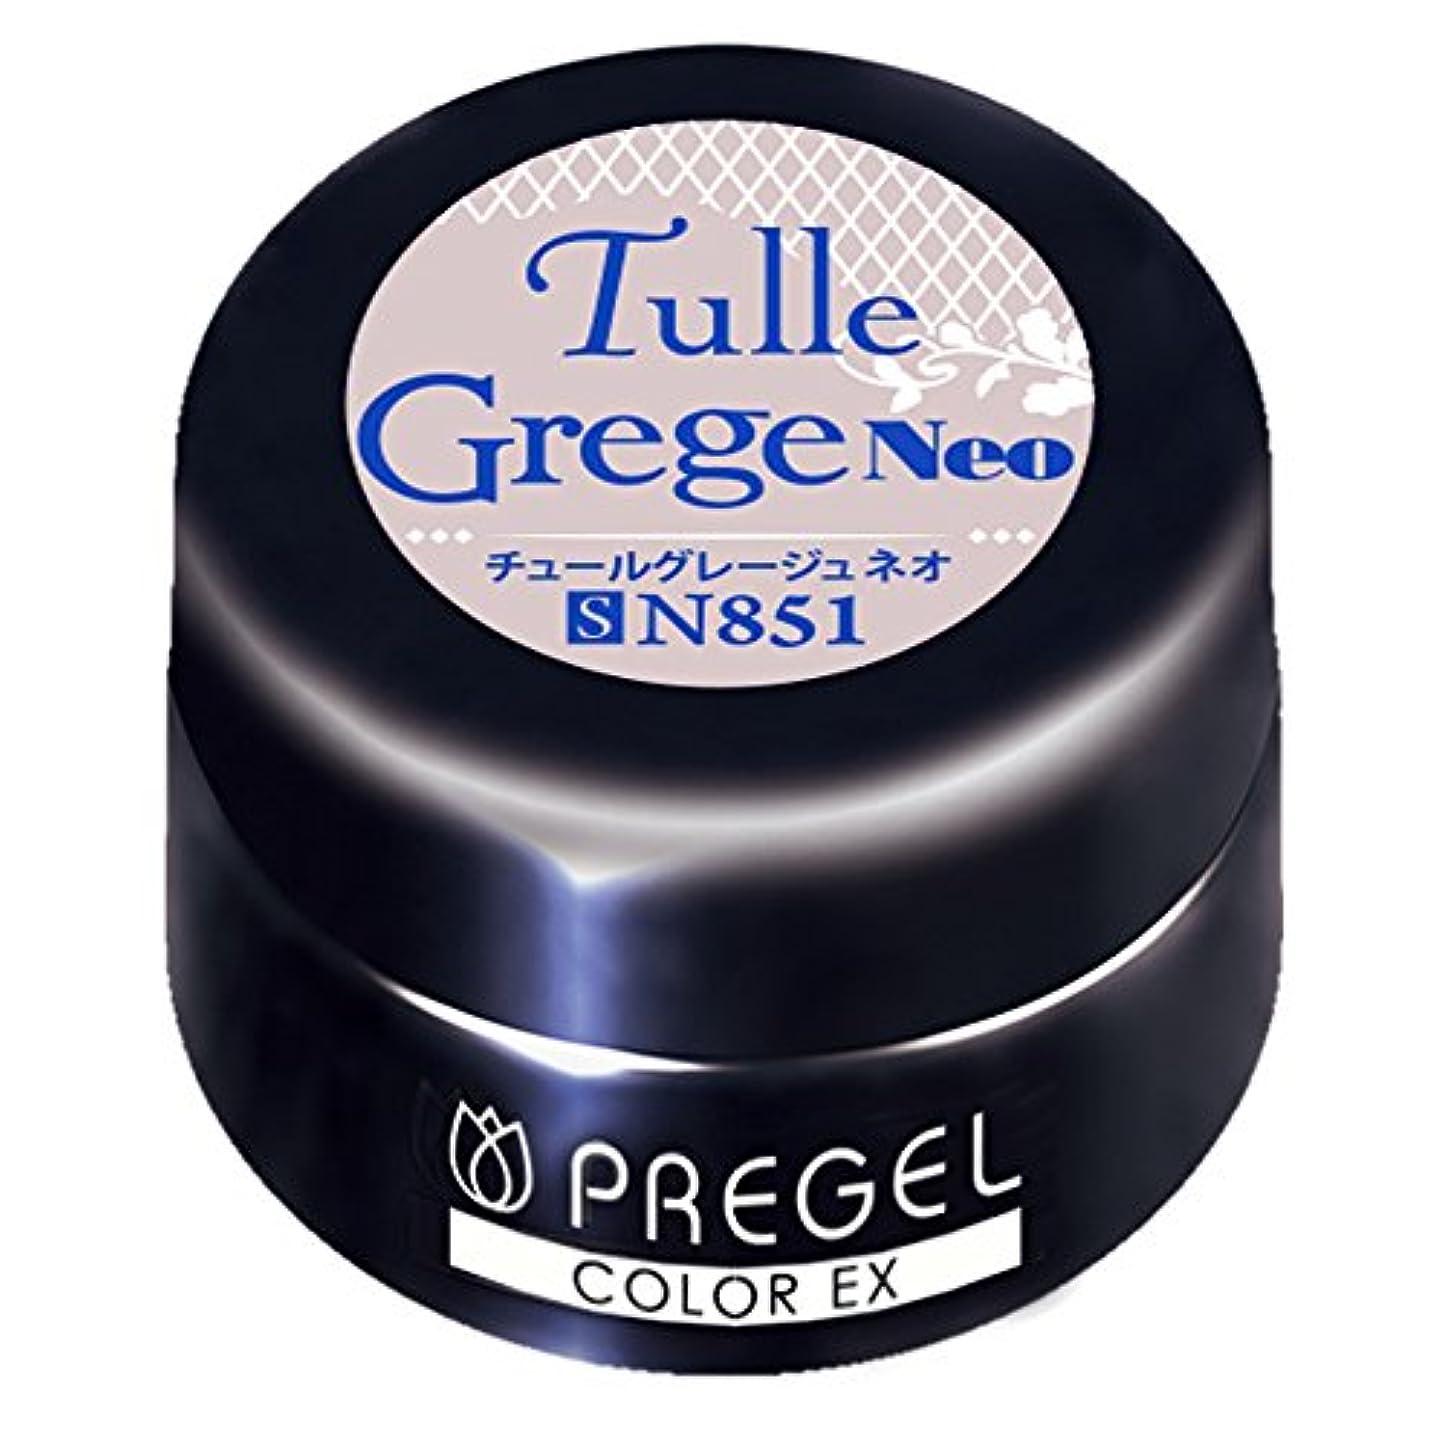 適合深さ過激派PRE GEL カラーEX チュールグレージュ neo 851 3g UV/LED対応